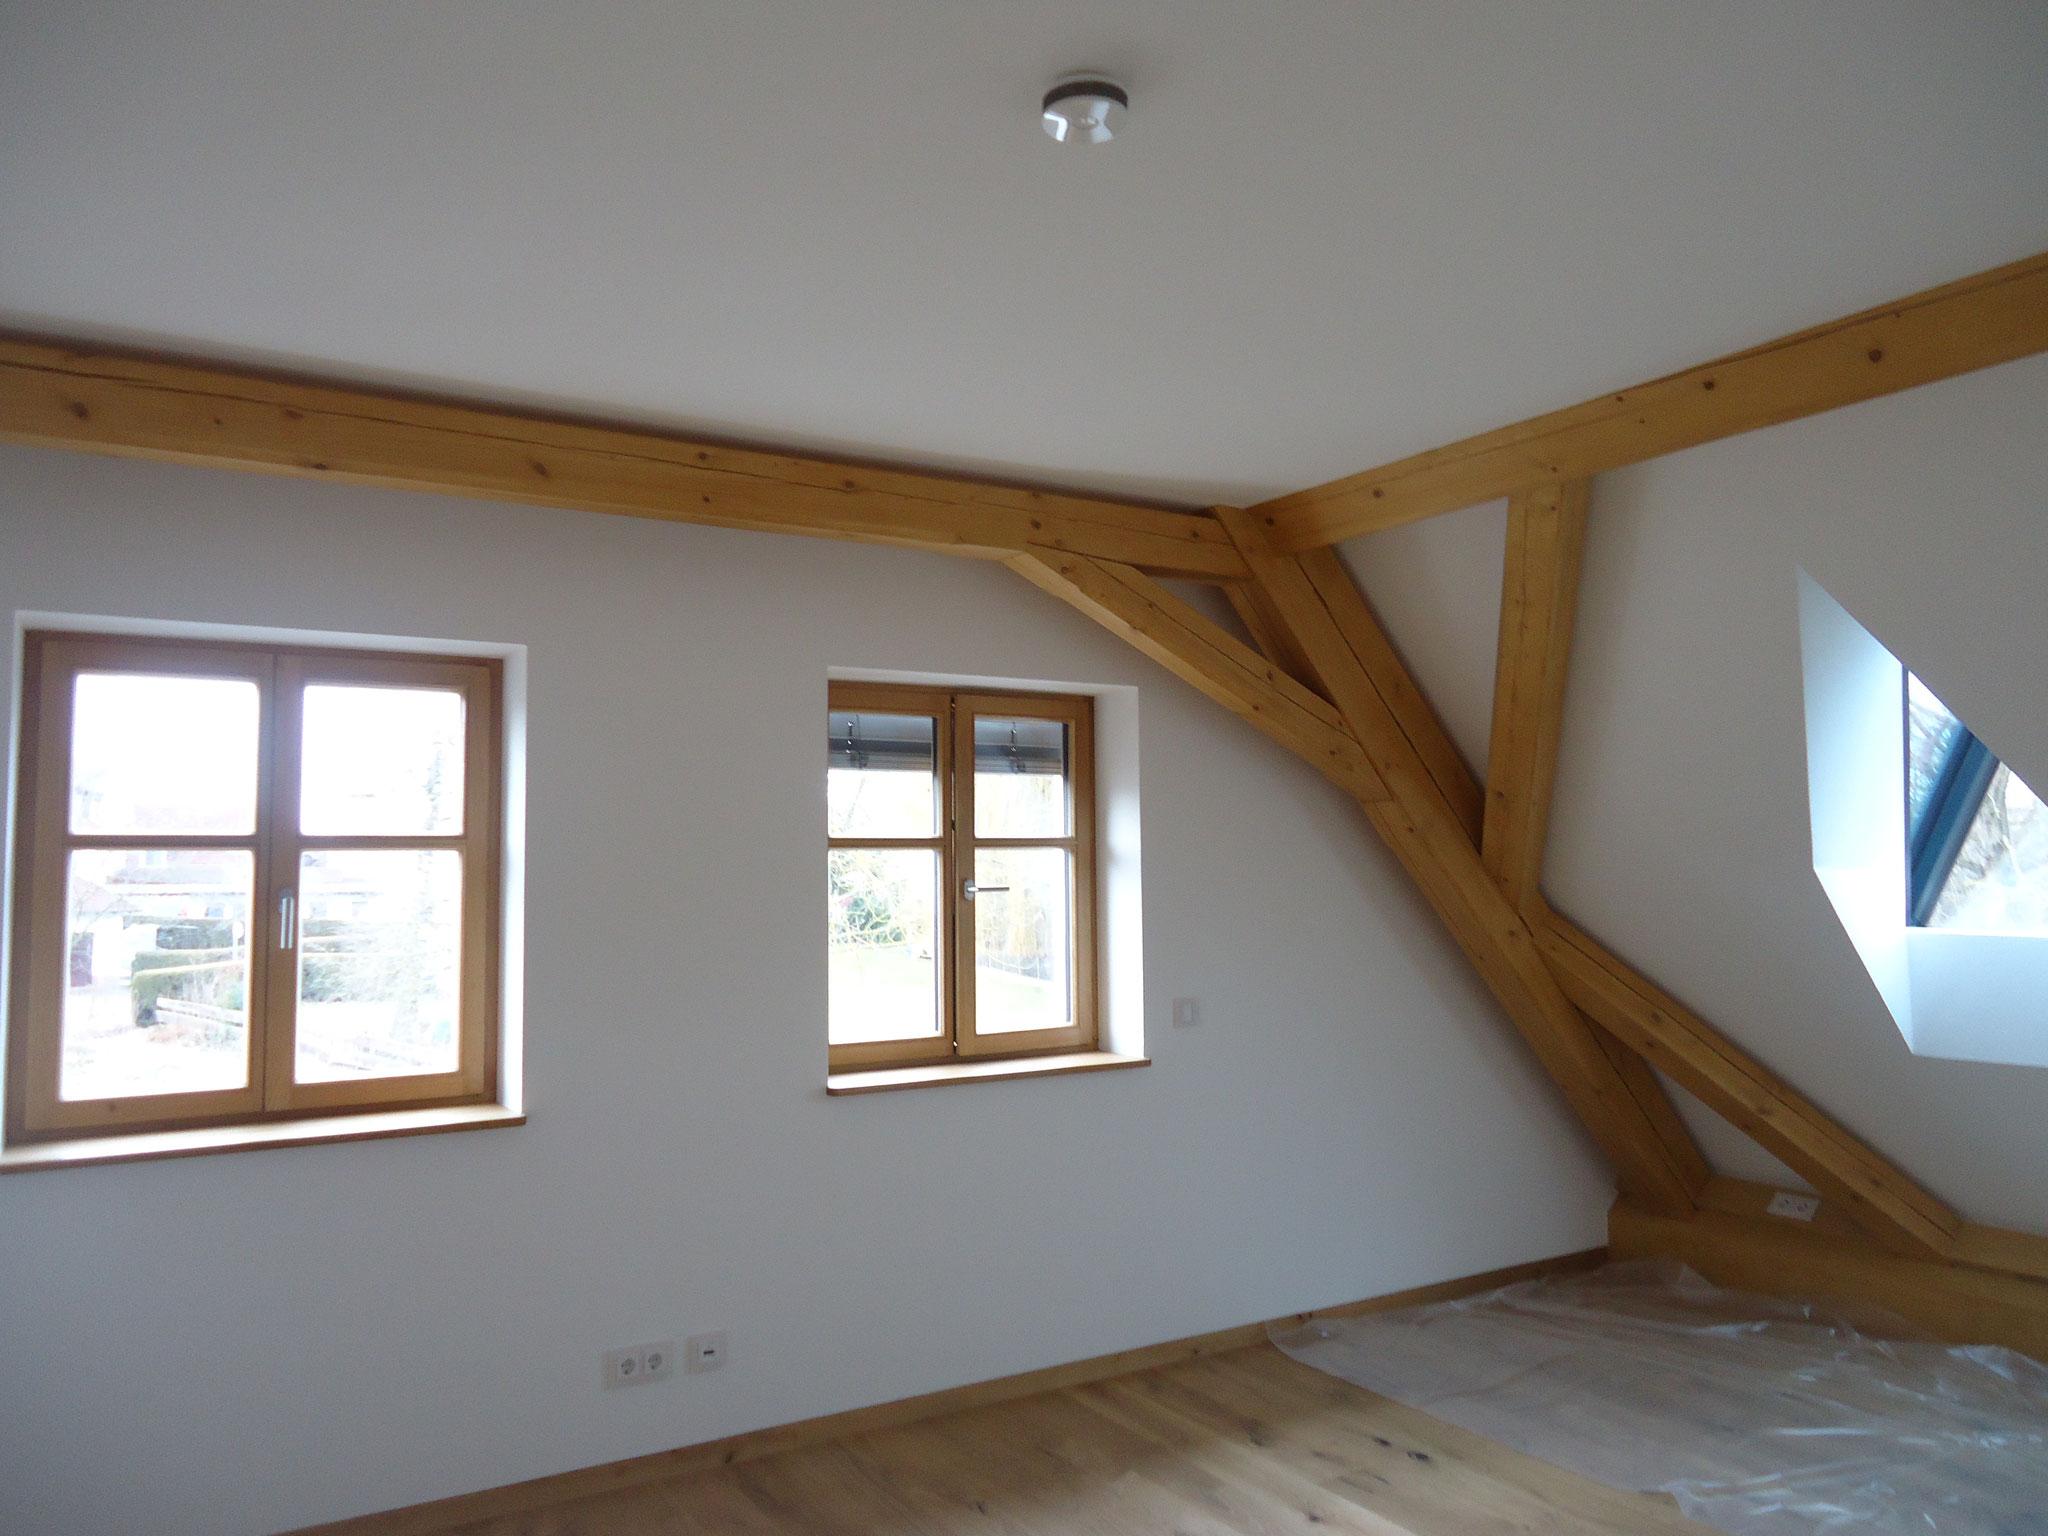 Wohnhaus in Freystadt, Innen- und Außenputz 2017 , Lehmputz